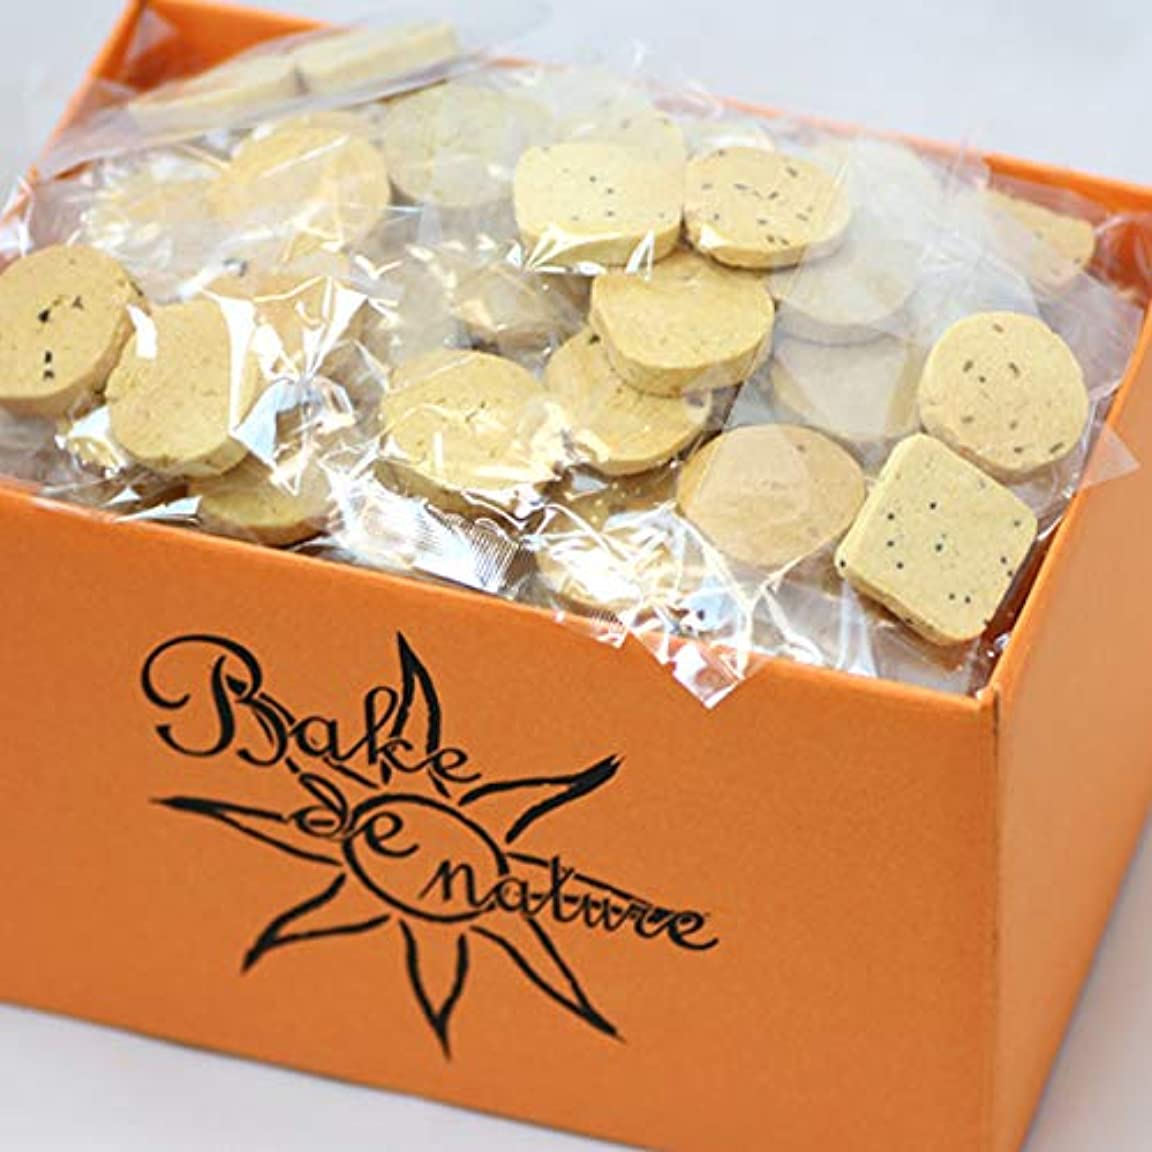 アグネスグレイ指標反対するスーパーフード豆乳おからクッキー (10種類MIX) 1袋 1kg (個包装) 小麦粉不使用のダイエットクッキー